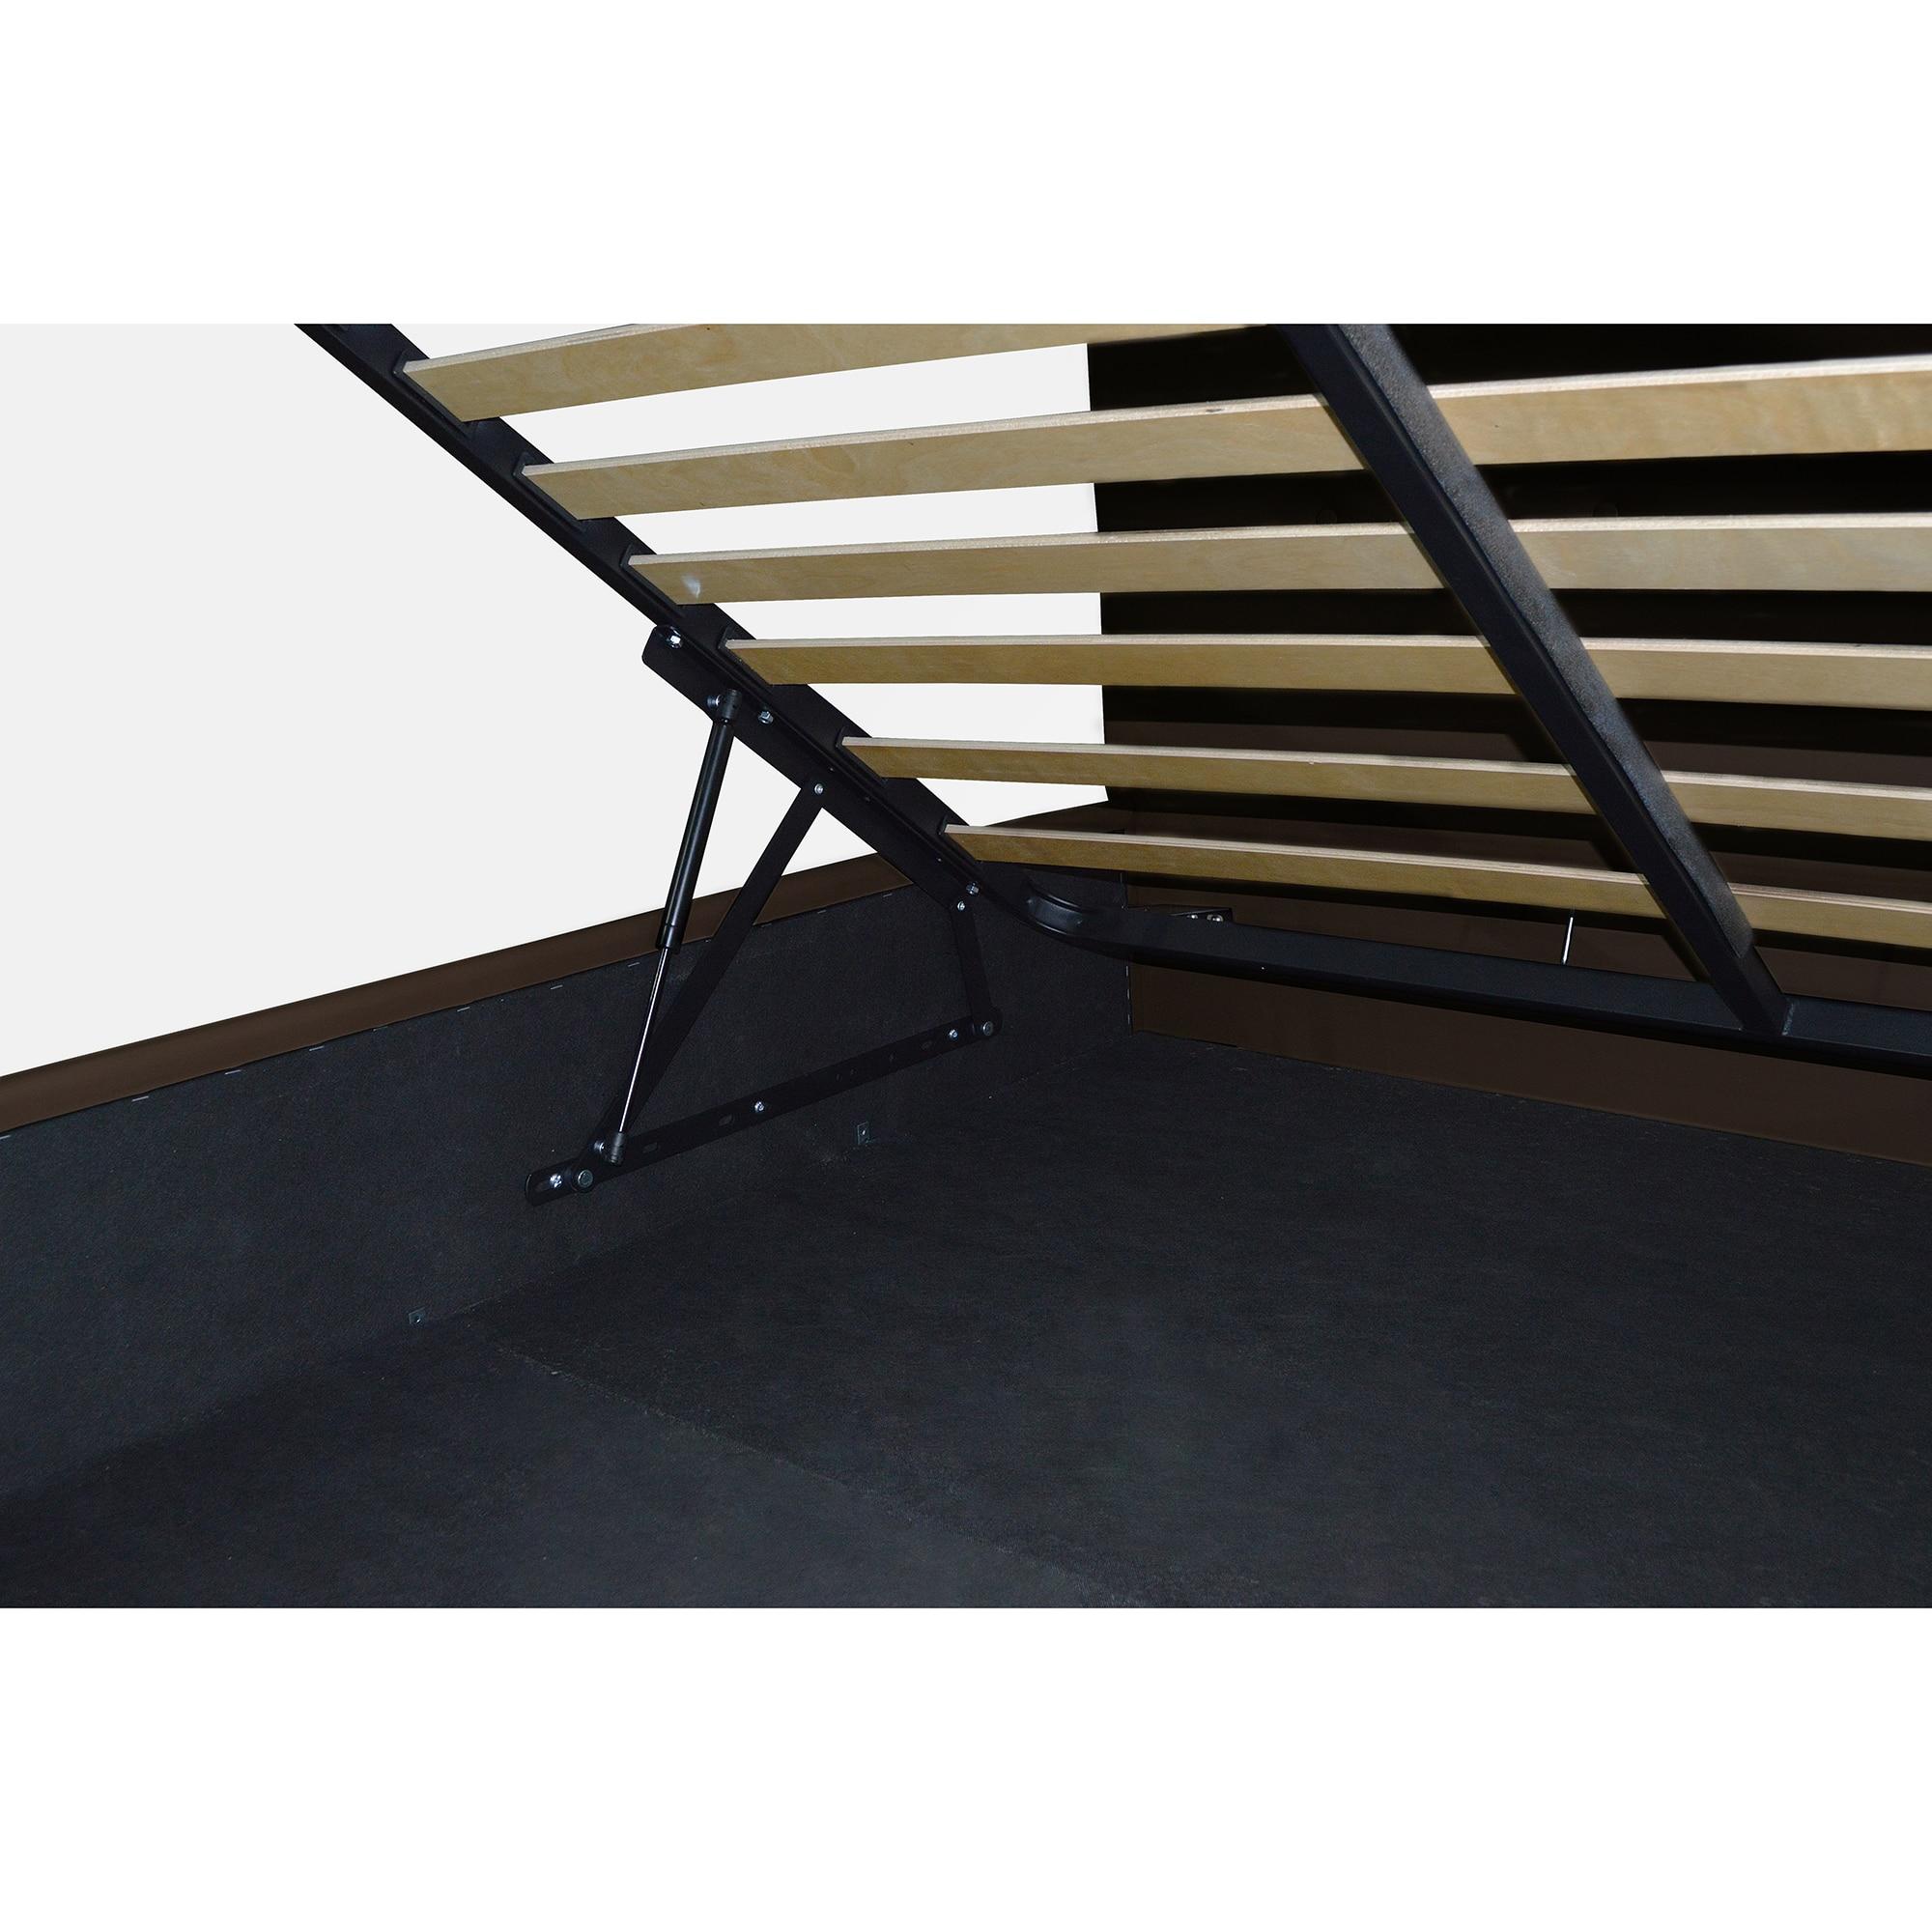 Kring King Ágykeret ágyneműtartóval, 160x200cm, Antracit